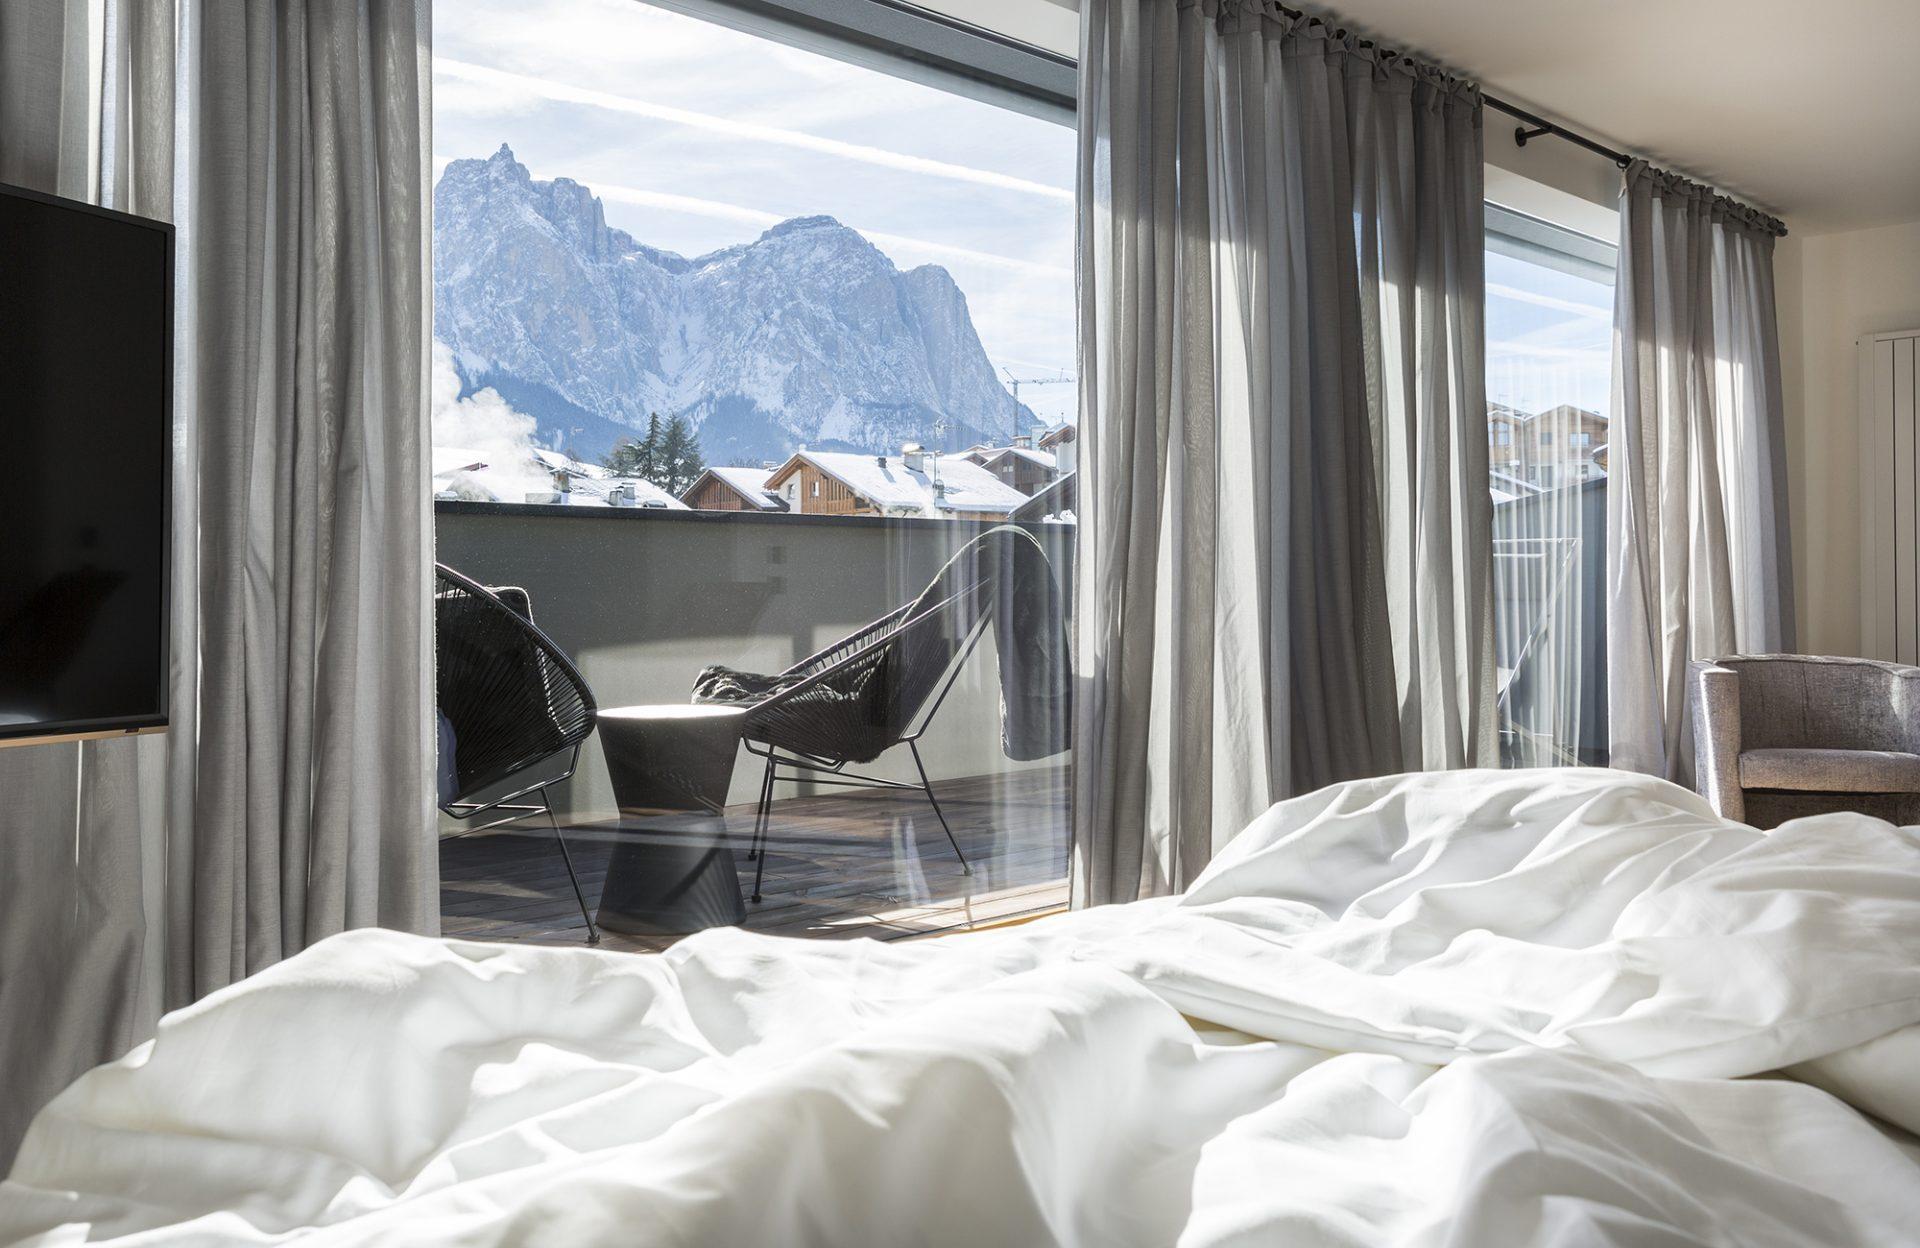 Mayr Superiorzimmer Bett mit Blick auf Seiser Alm